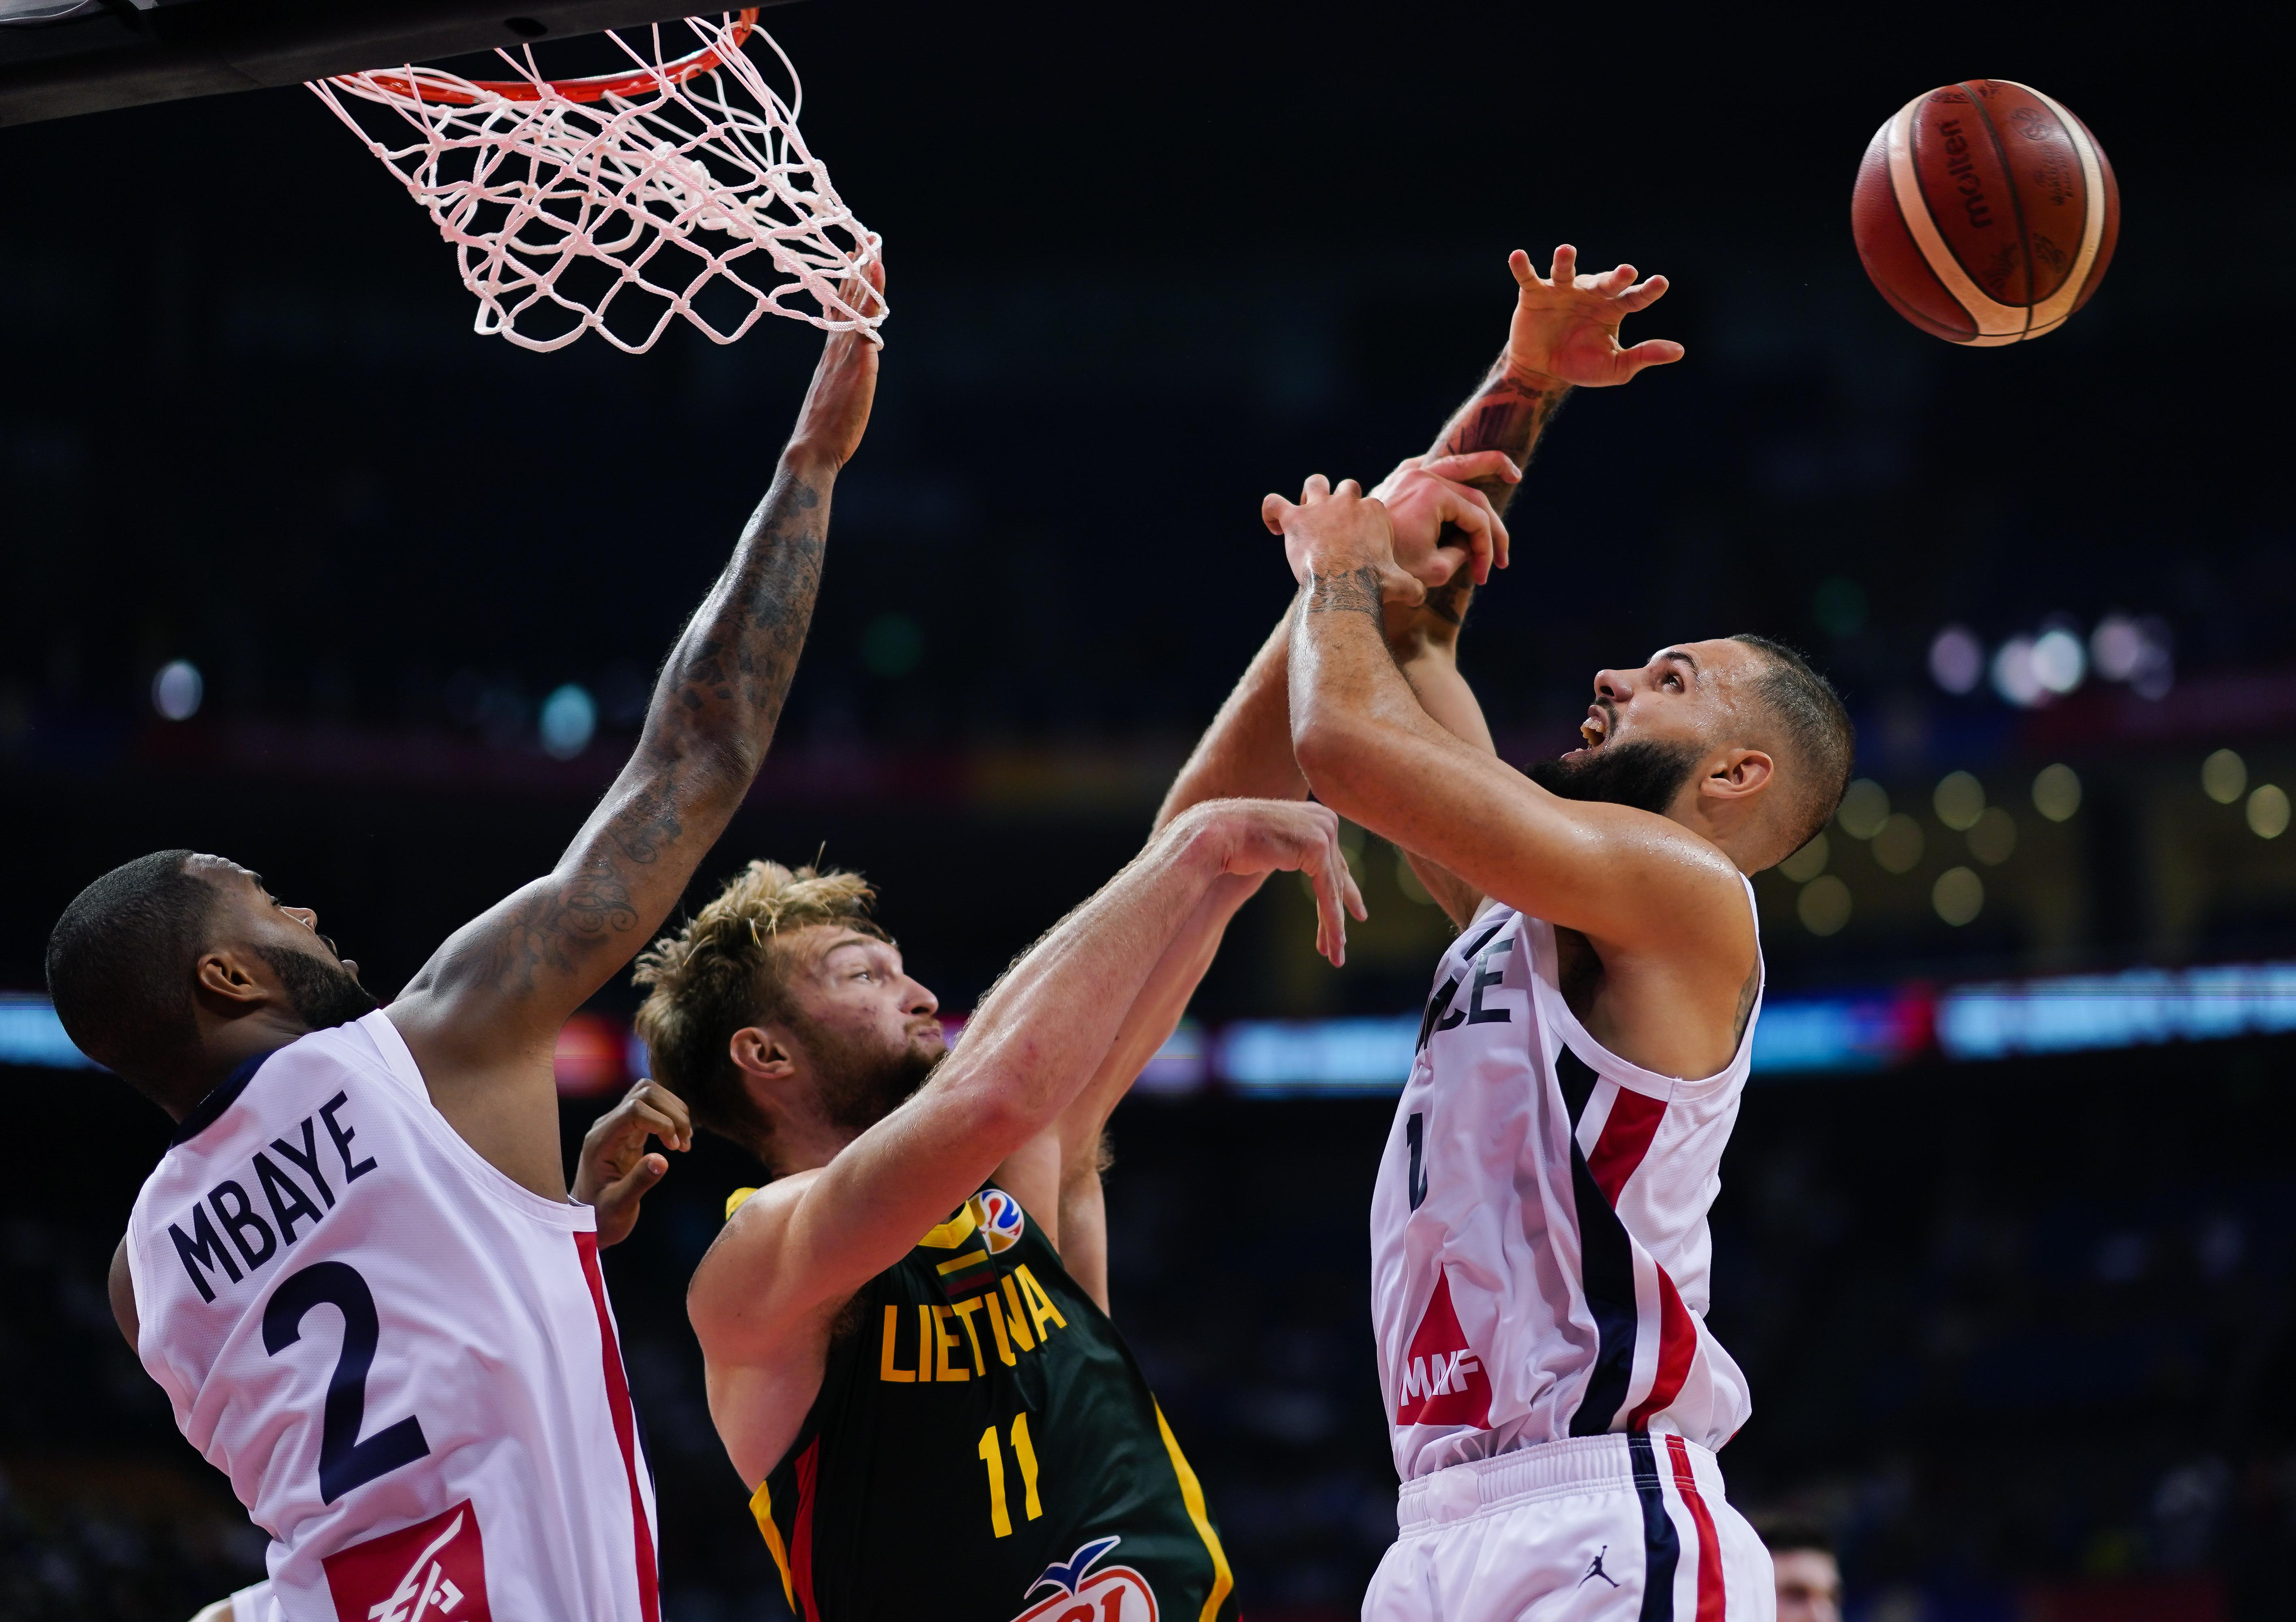 篮球世界杯丨小组赛第二阶段:法国队战胜立陶宛队_中欧新闻_欧洲中文网